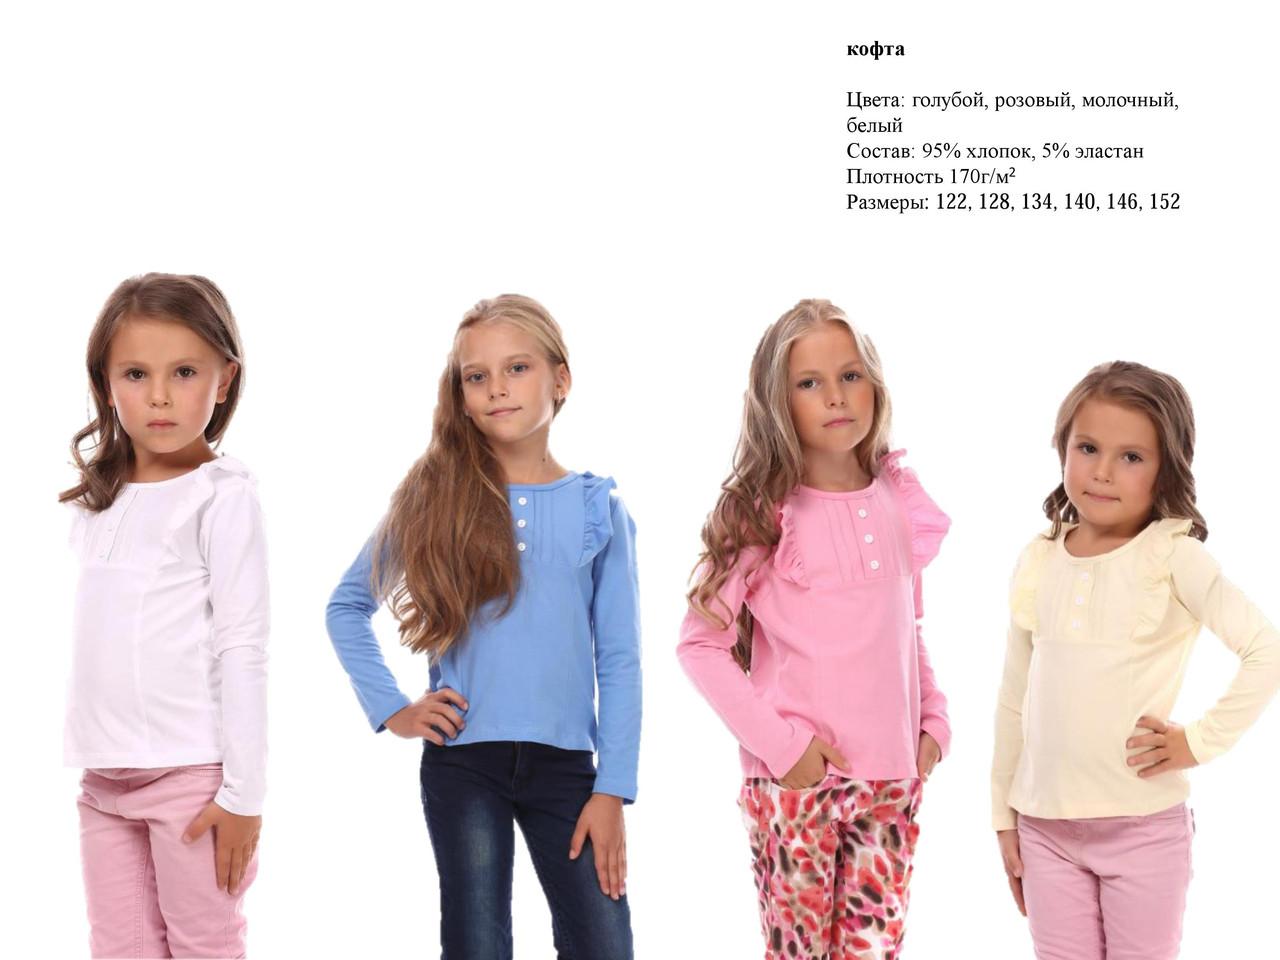 Блузка для девочки Мария. Размер 122 - 146 см